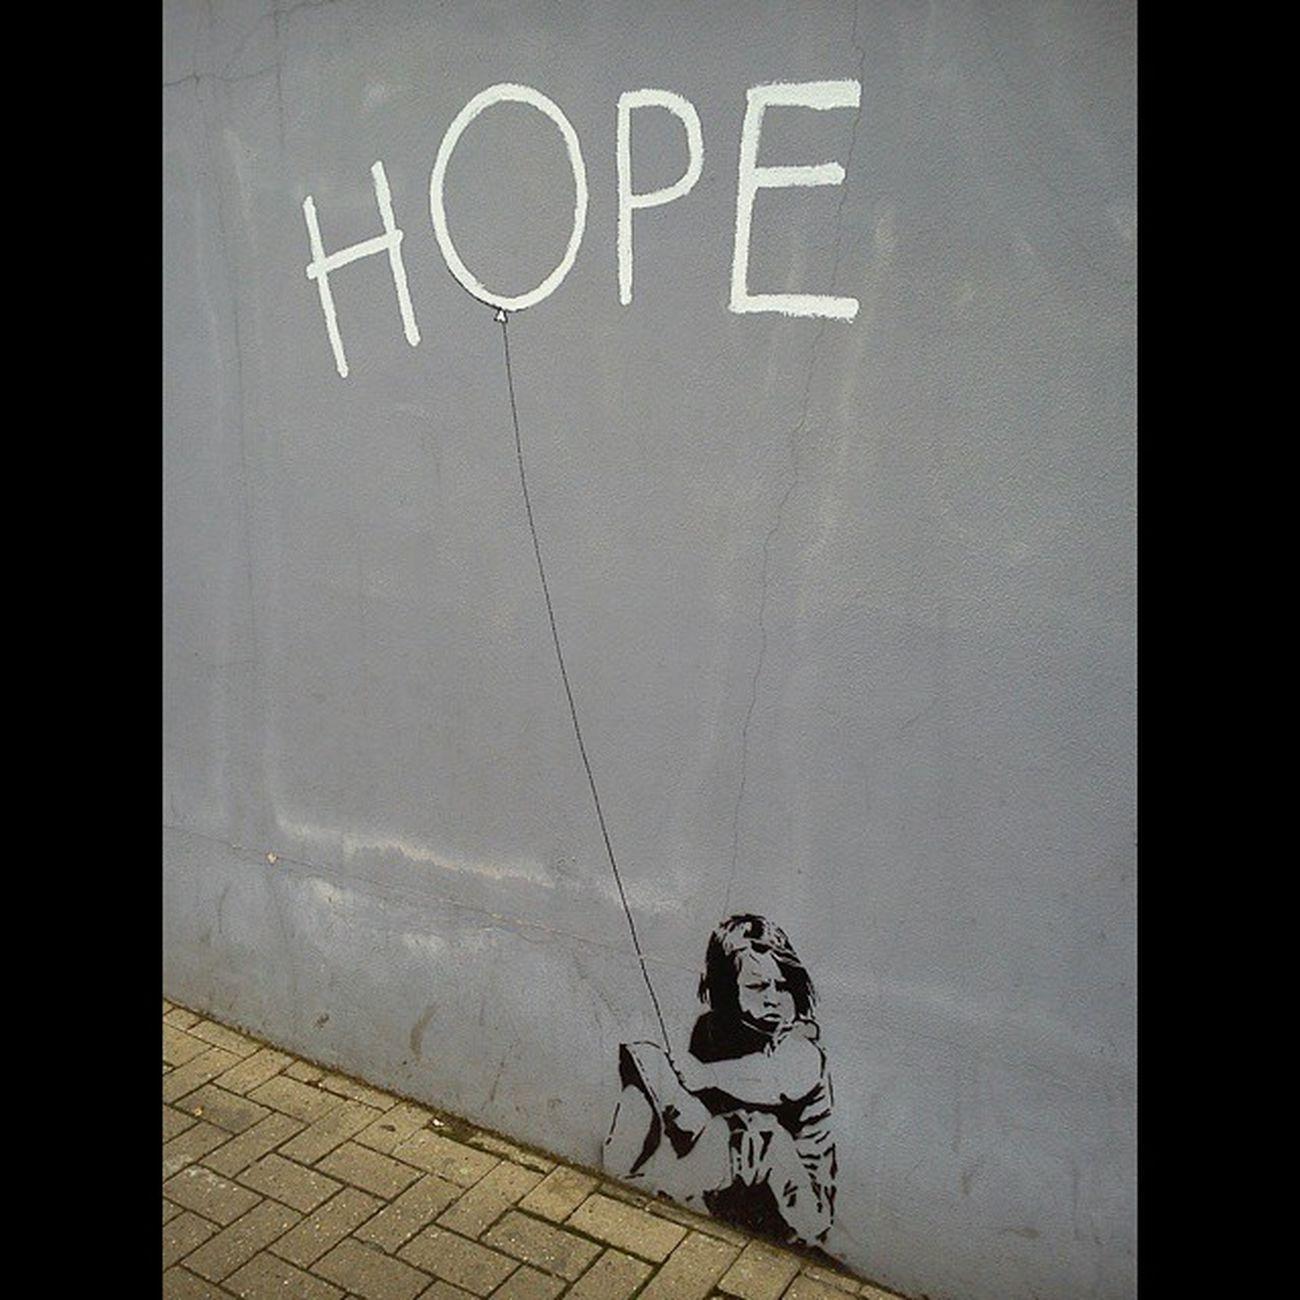 Hope Esperanza Northcoteroadfara Faracharity Banksy faracharityshops Northcote Road Uk London Fara